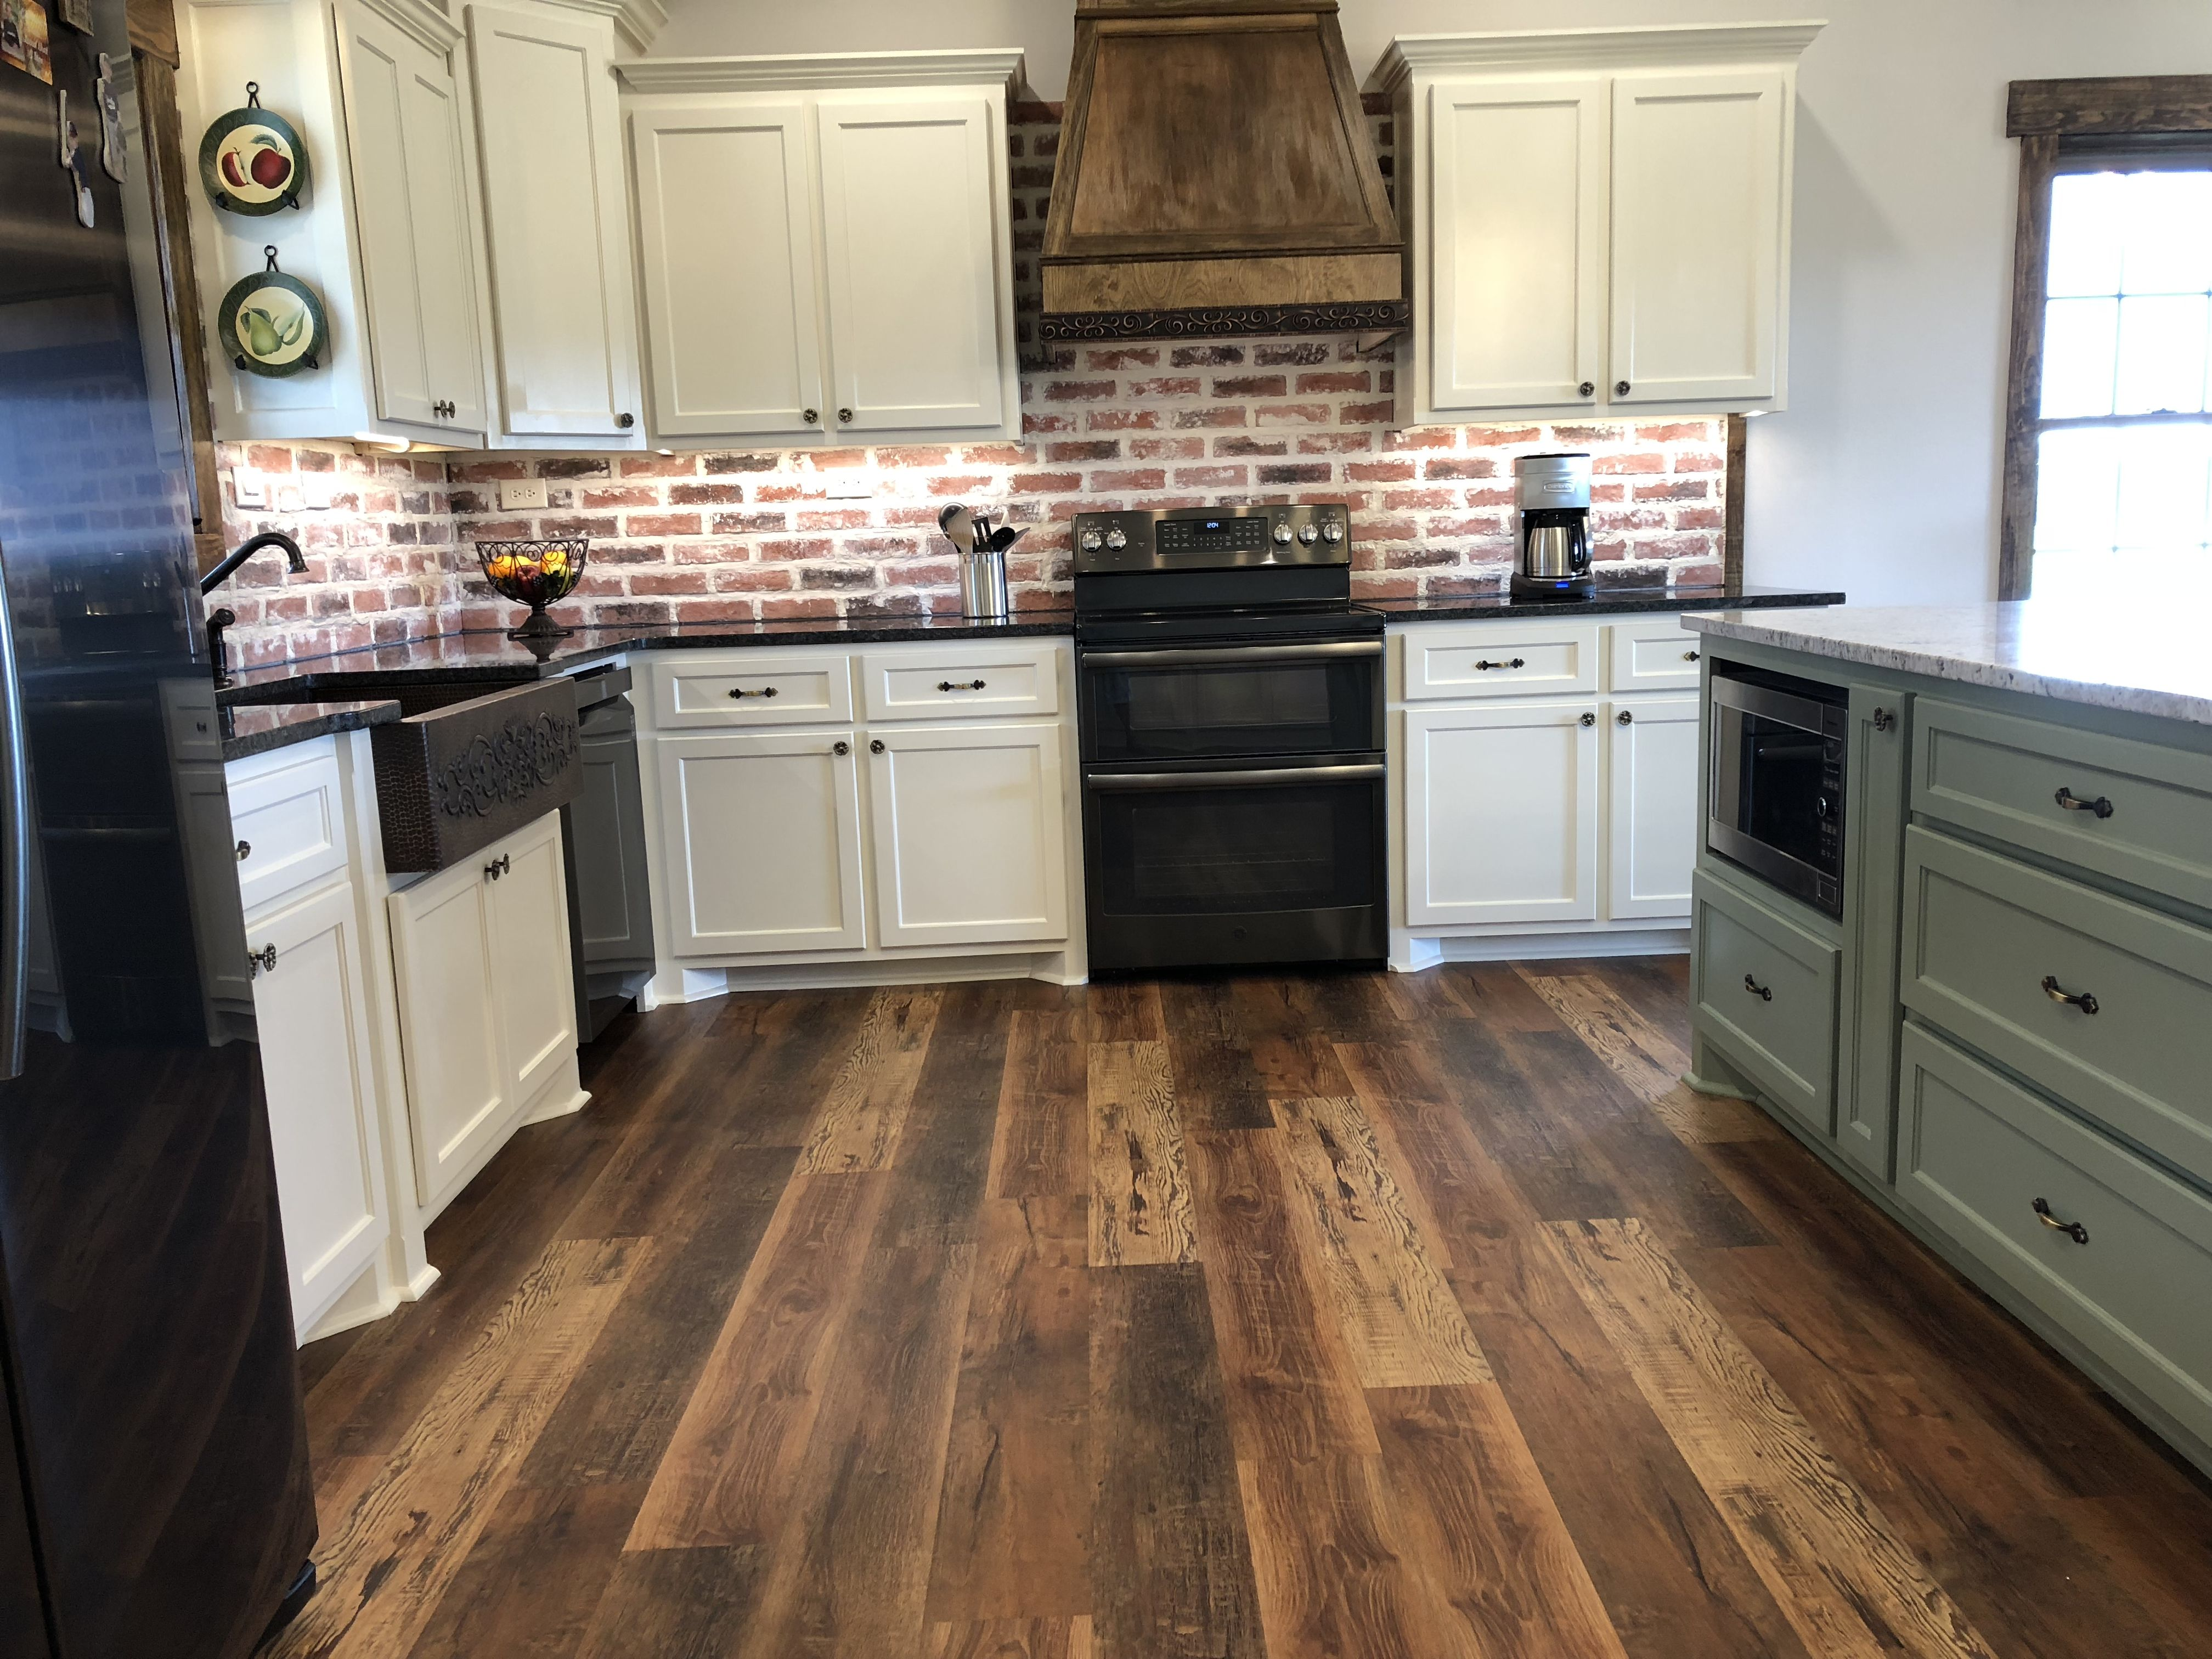 Black Granite Countertops Luxury Vinyl Rustic Wood Look Floors Brick Backsplash And Copper Sink Love Our Kitchen